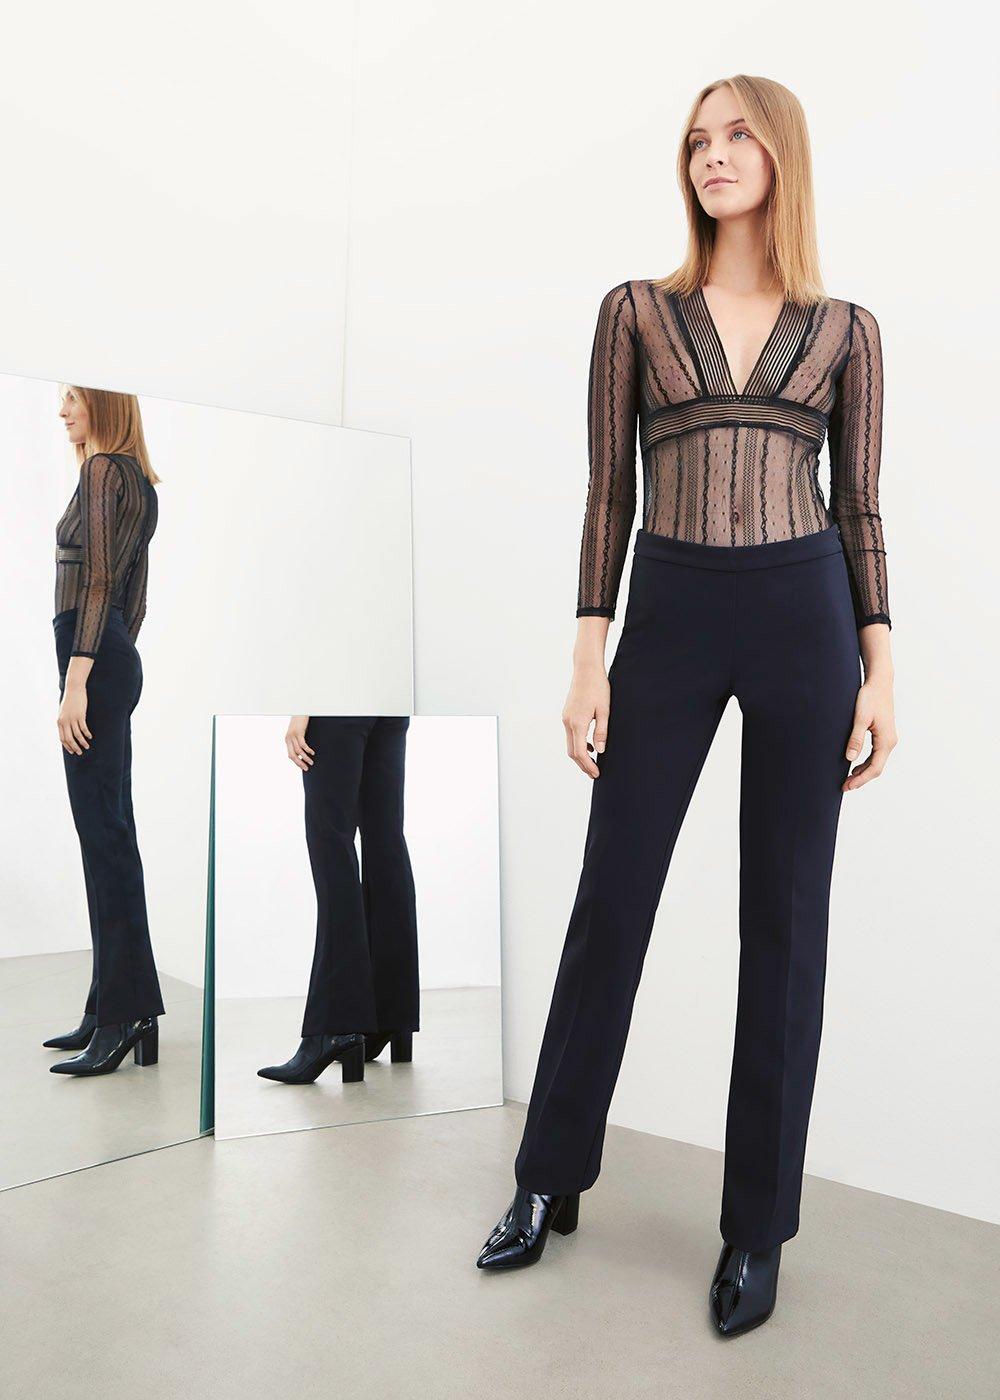 Pantalone Victoria modello zampa - Black - Donna